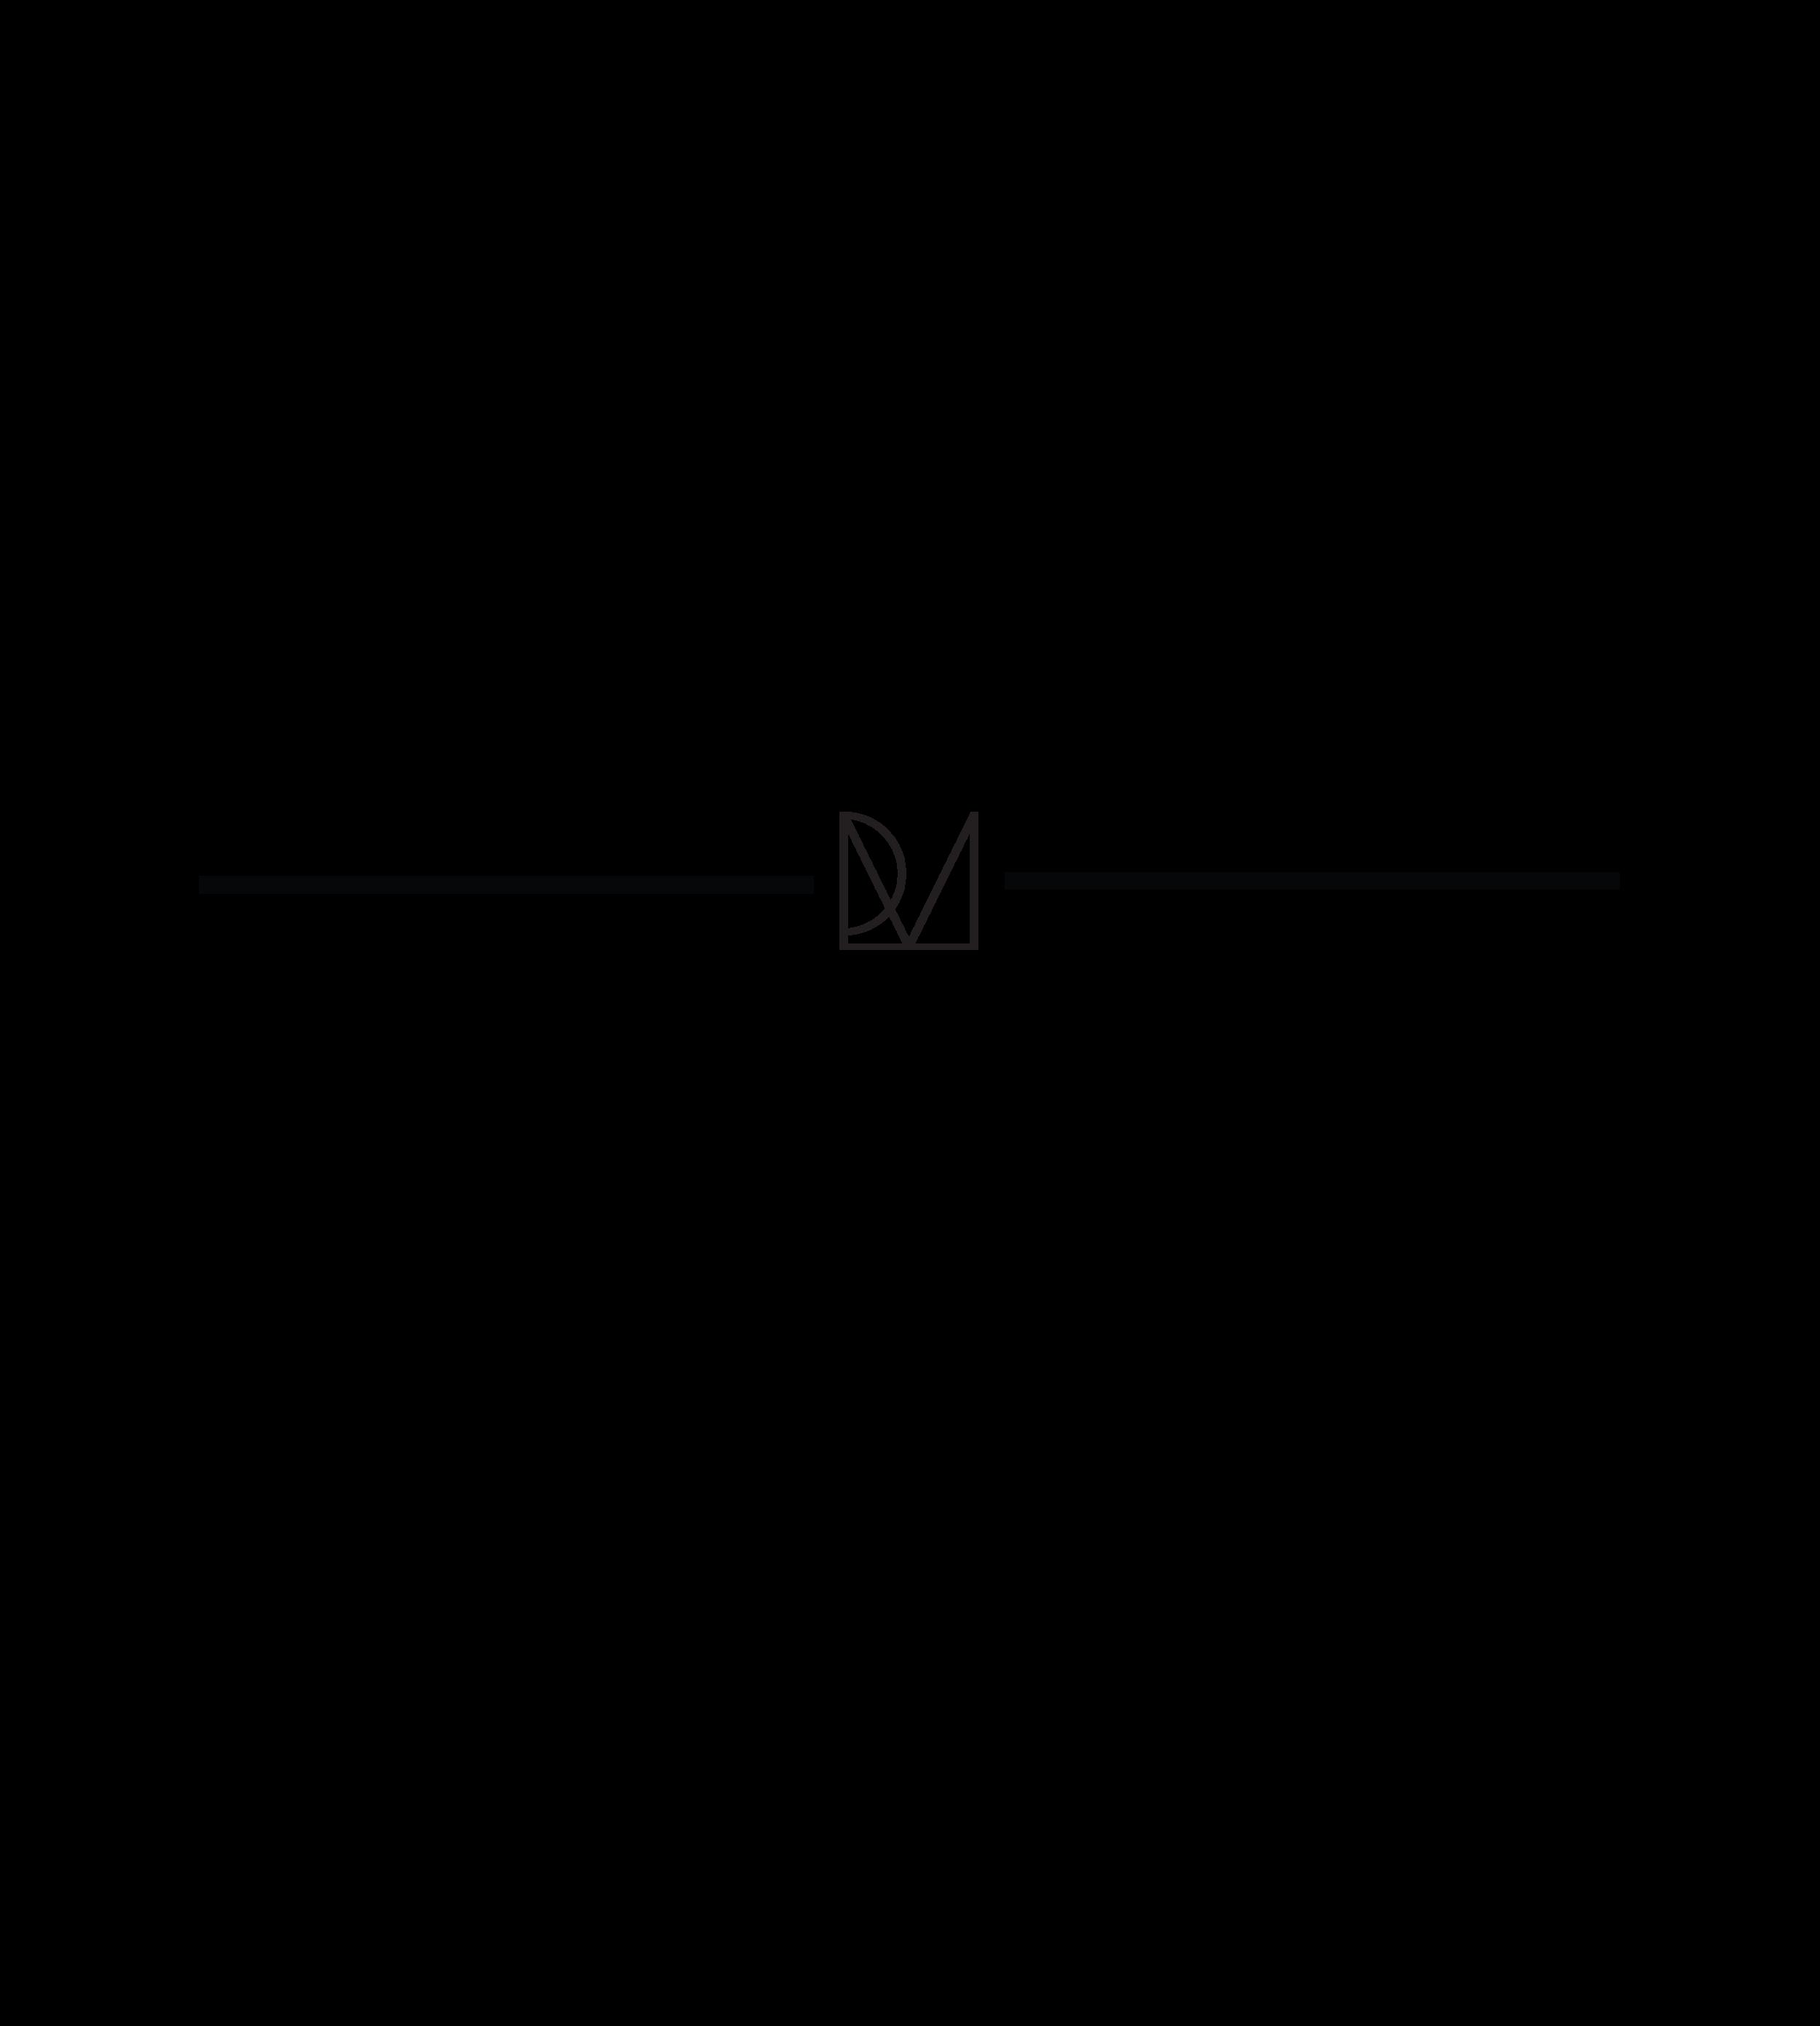 PLM_Homepage-01.png